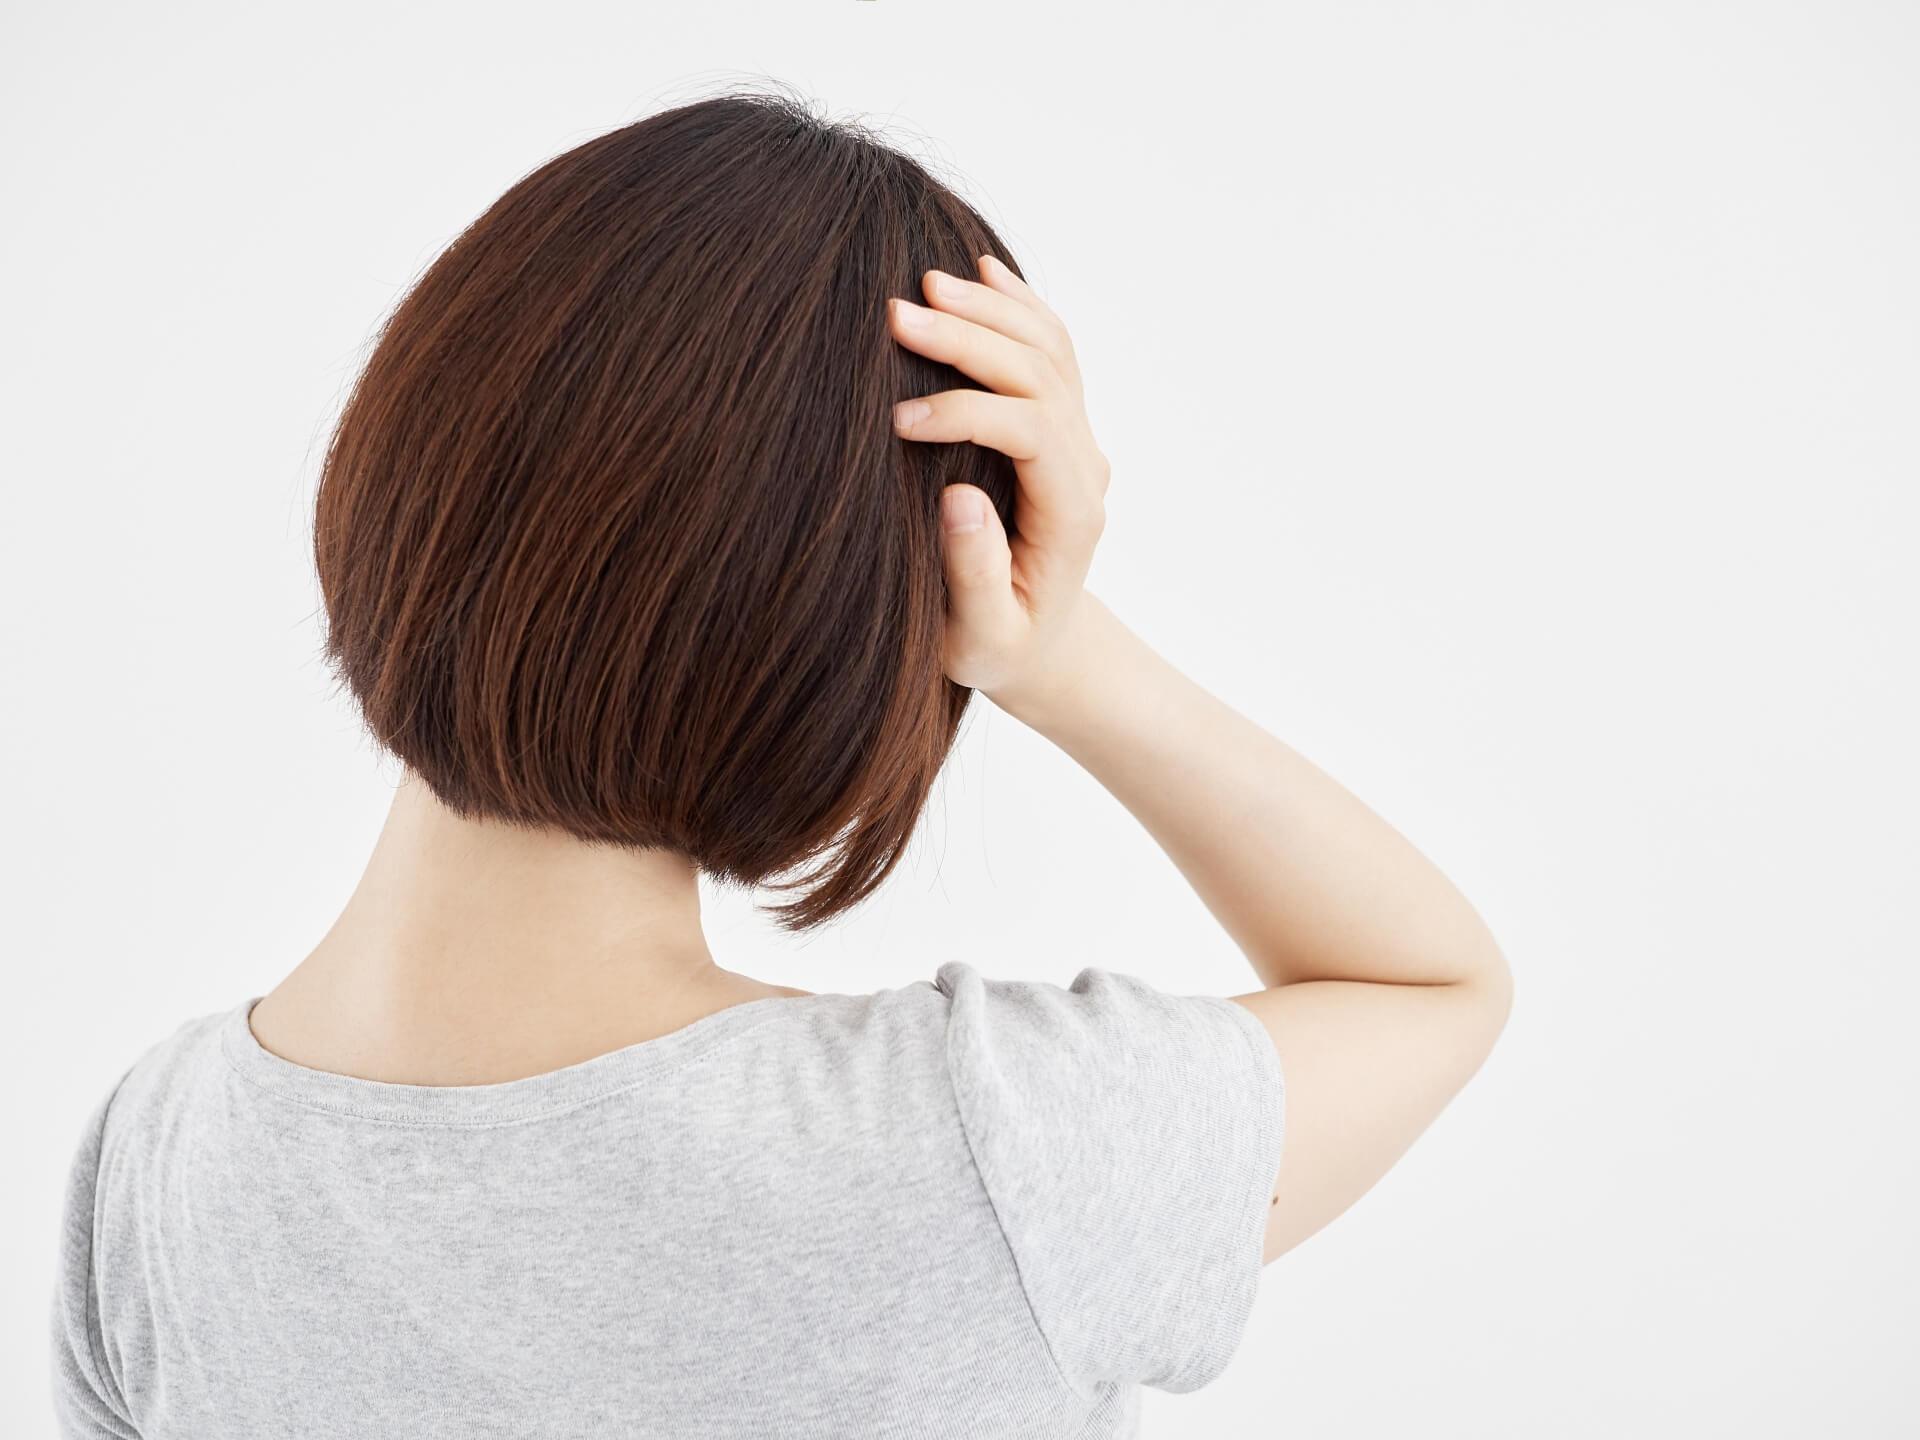 片頭痛とは?